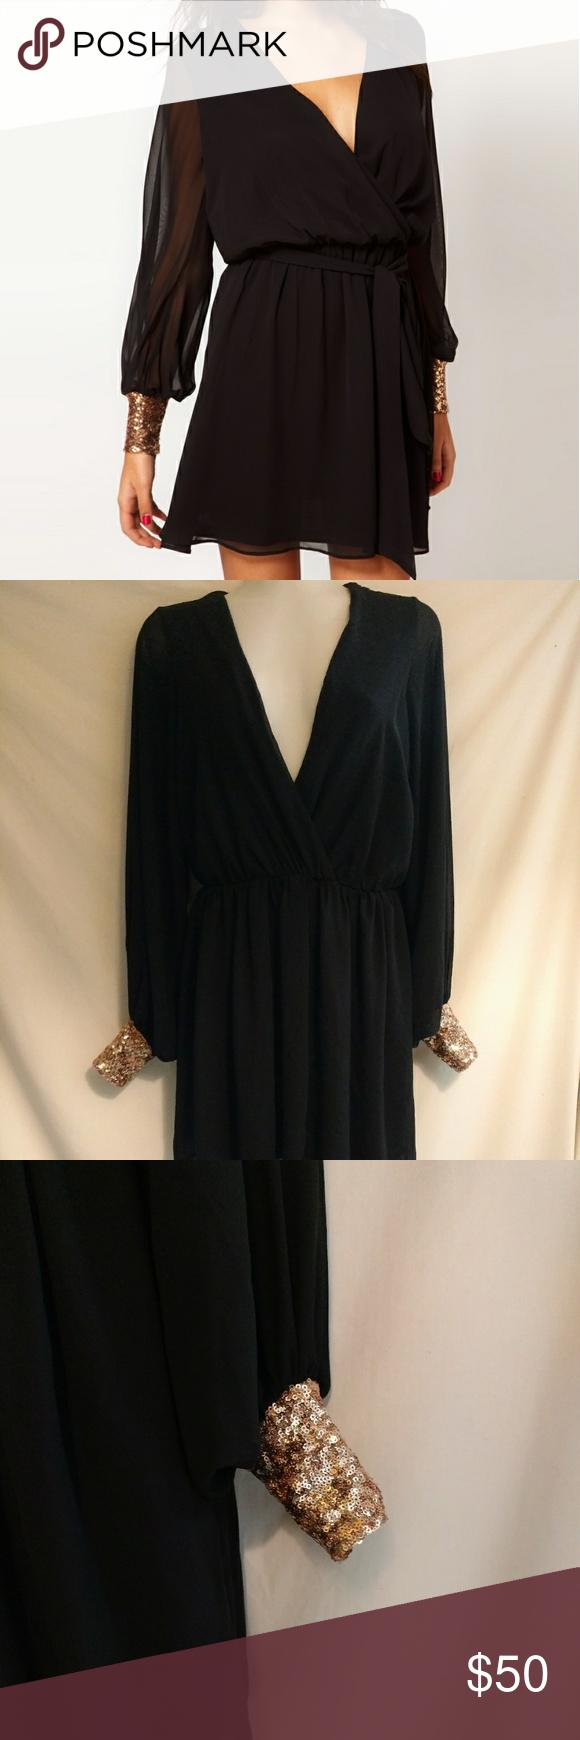 Asos black w rose gold sequin mini dress asos mini dress